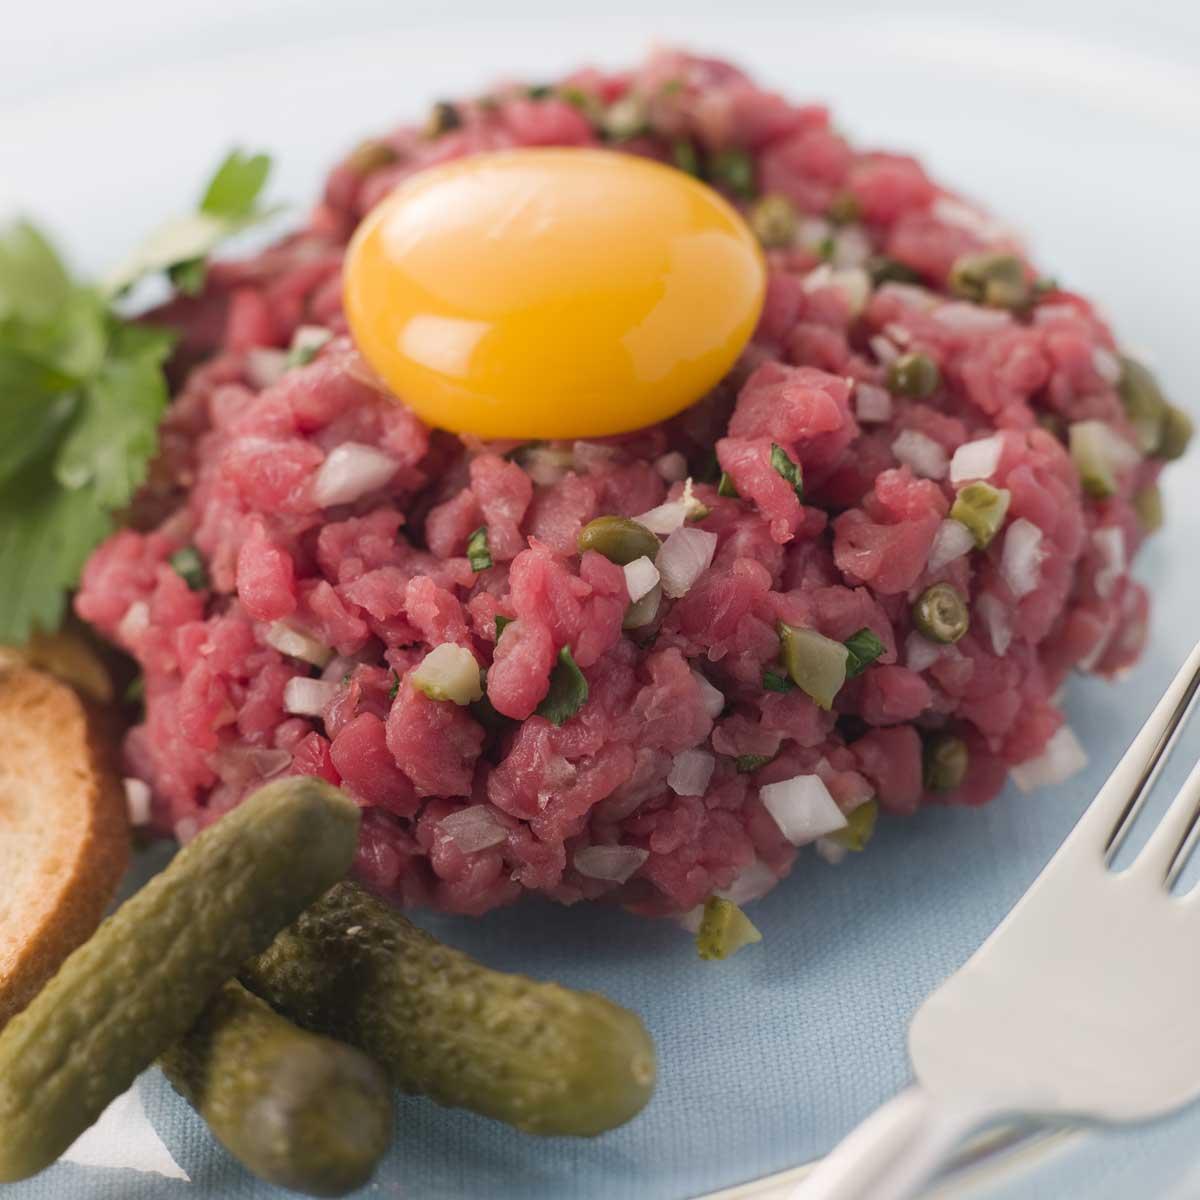 Recette tartare de b uf cuisine madame figaro - Tartare de boeuf cyril lignac ...